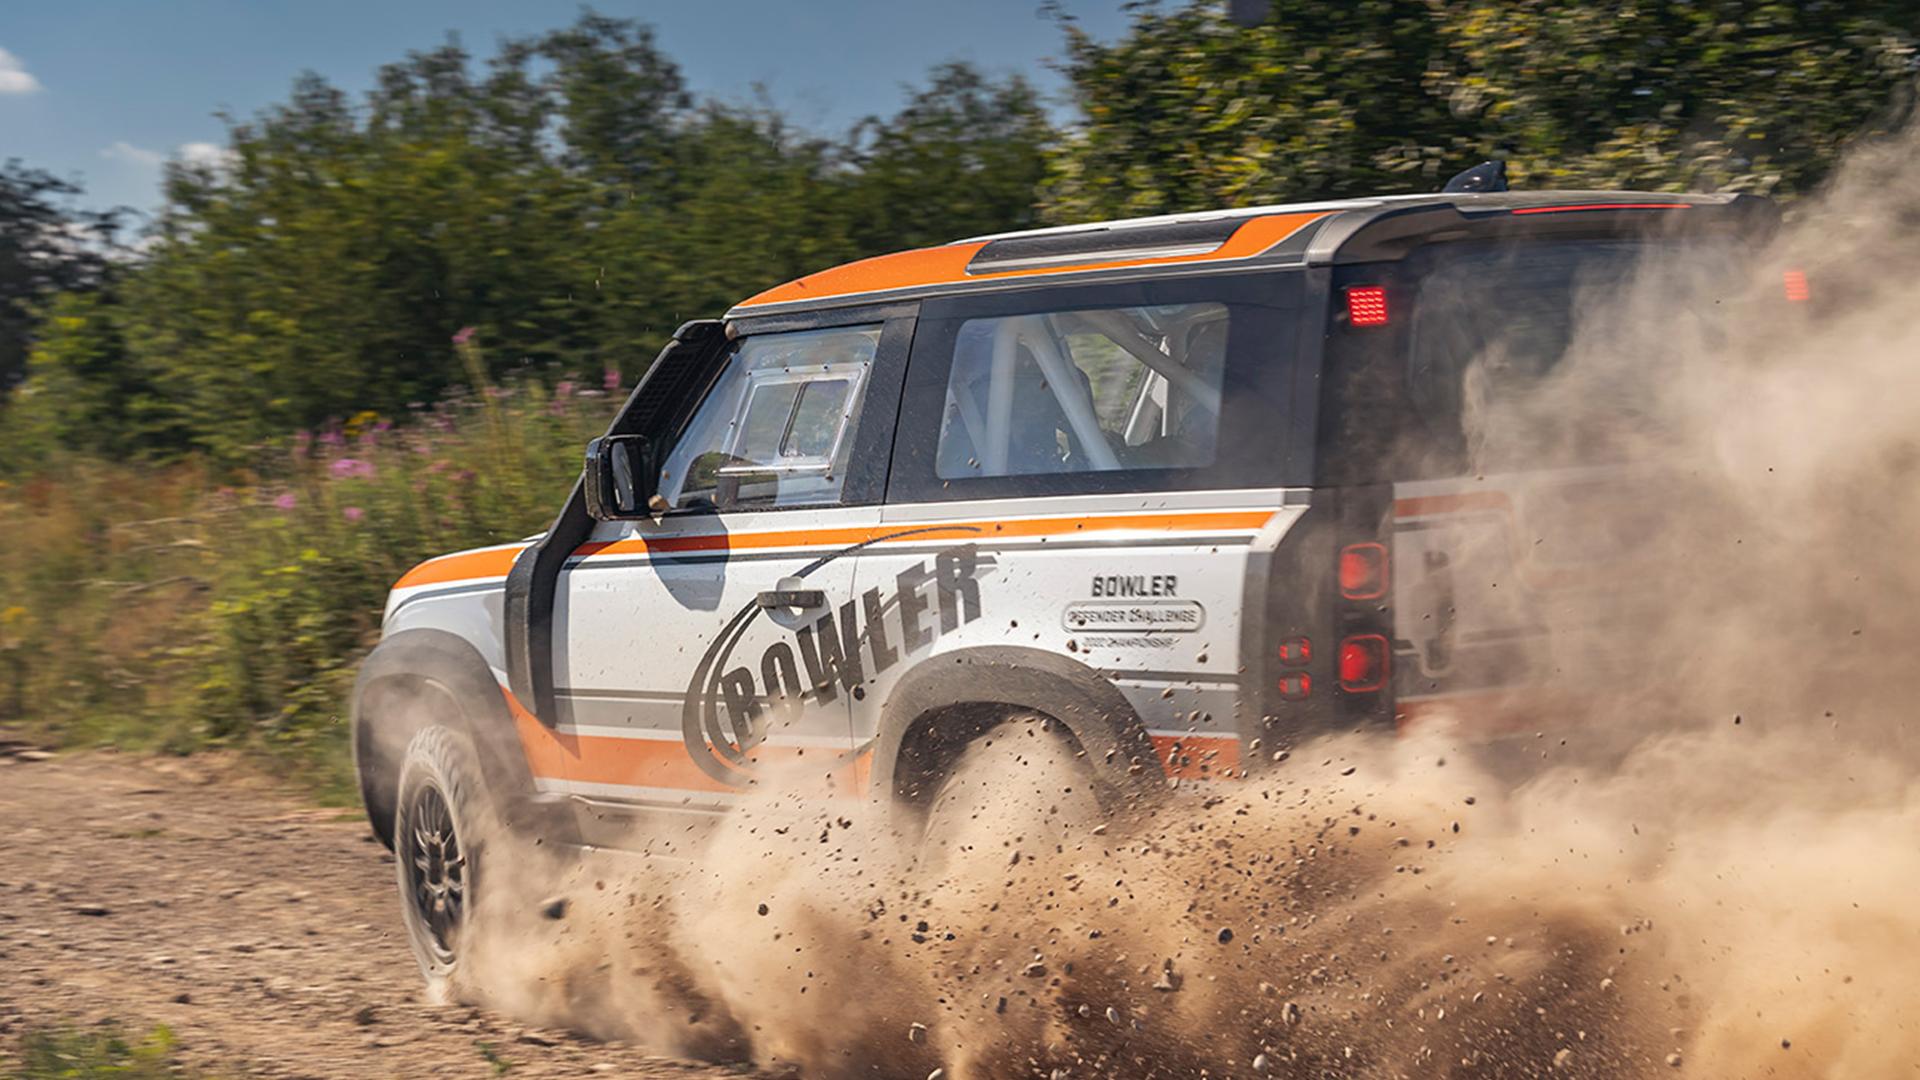 O Defender Modificado pela Bowler será um veículo exclusivo para rallys